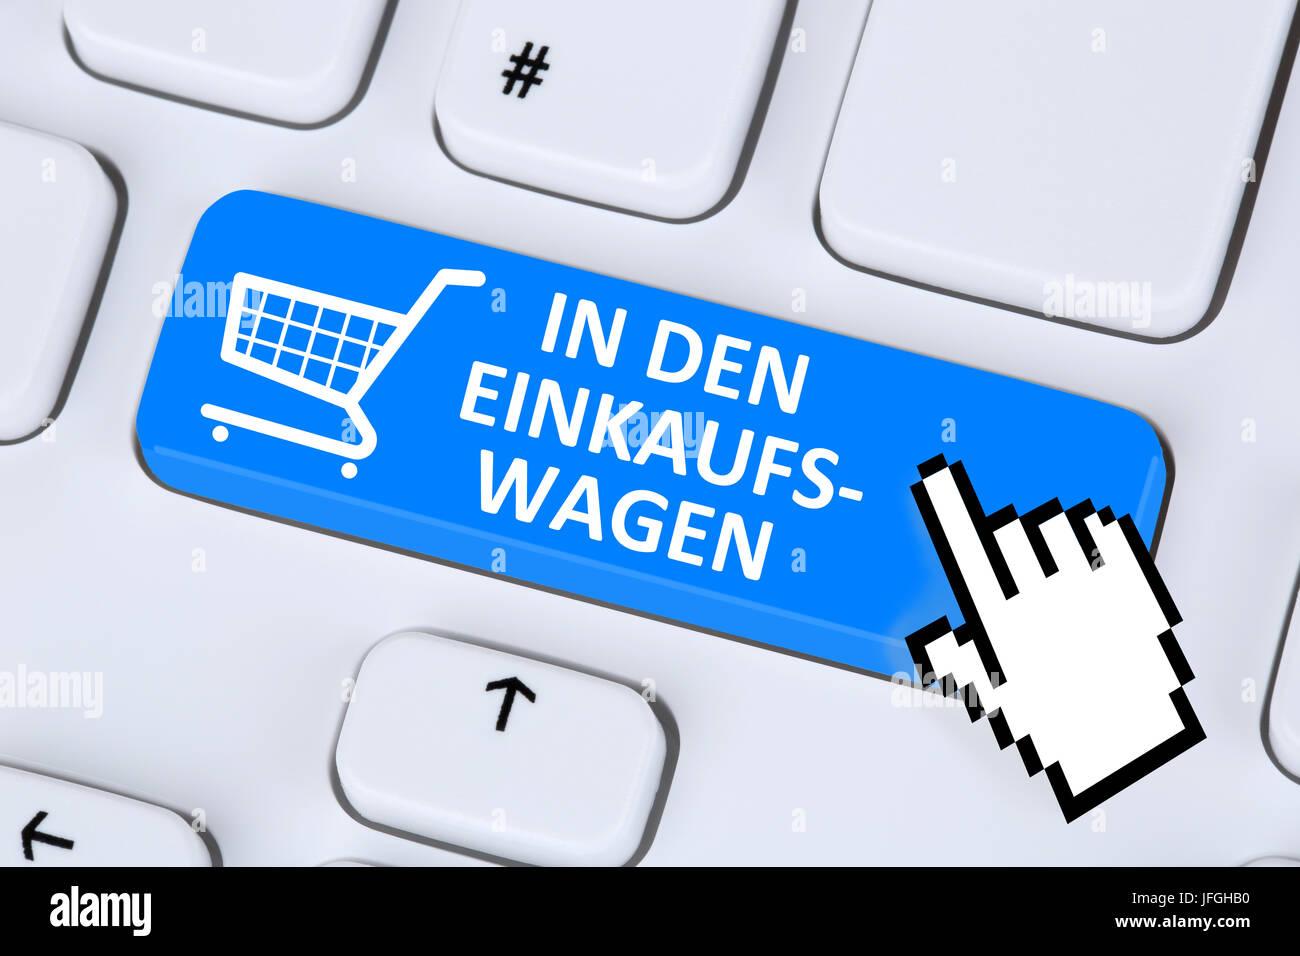 In den Einkaufswagen online Shopping einkaufen bestellen im Internet - Stock Image